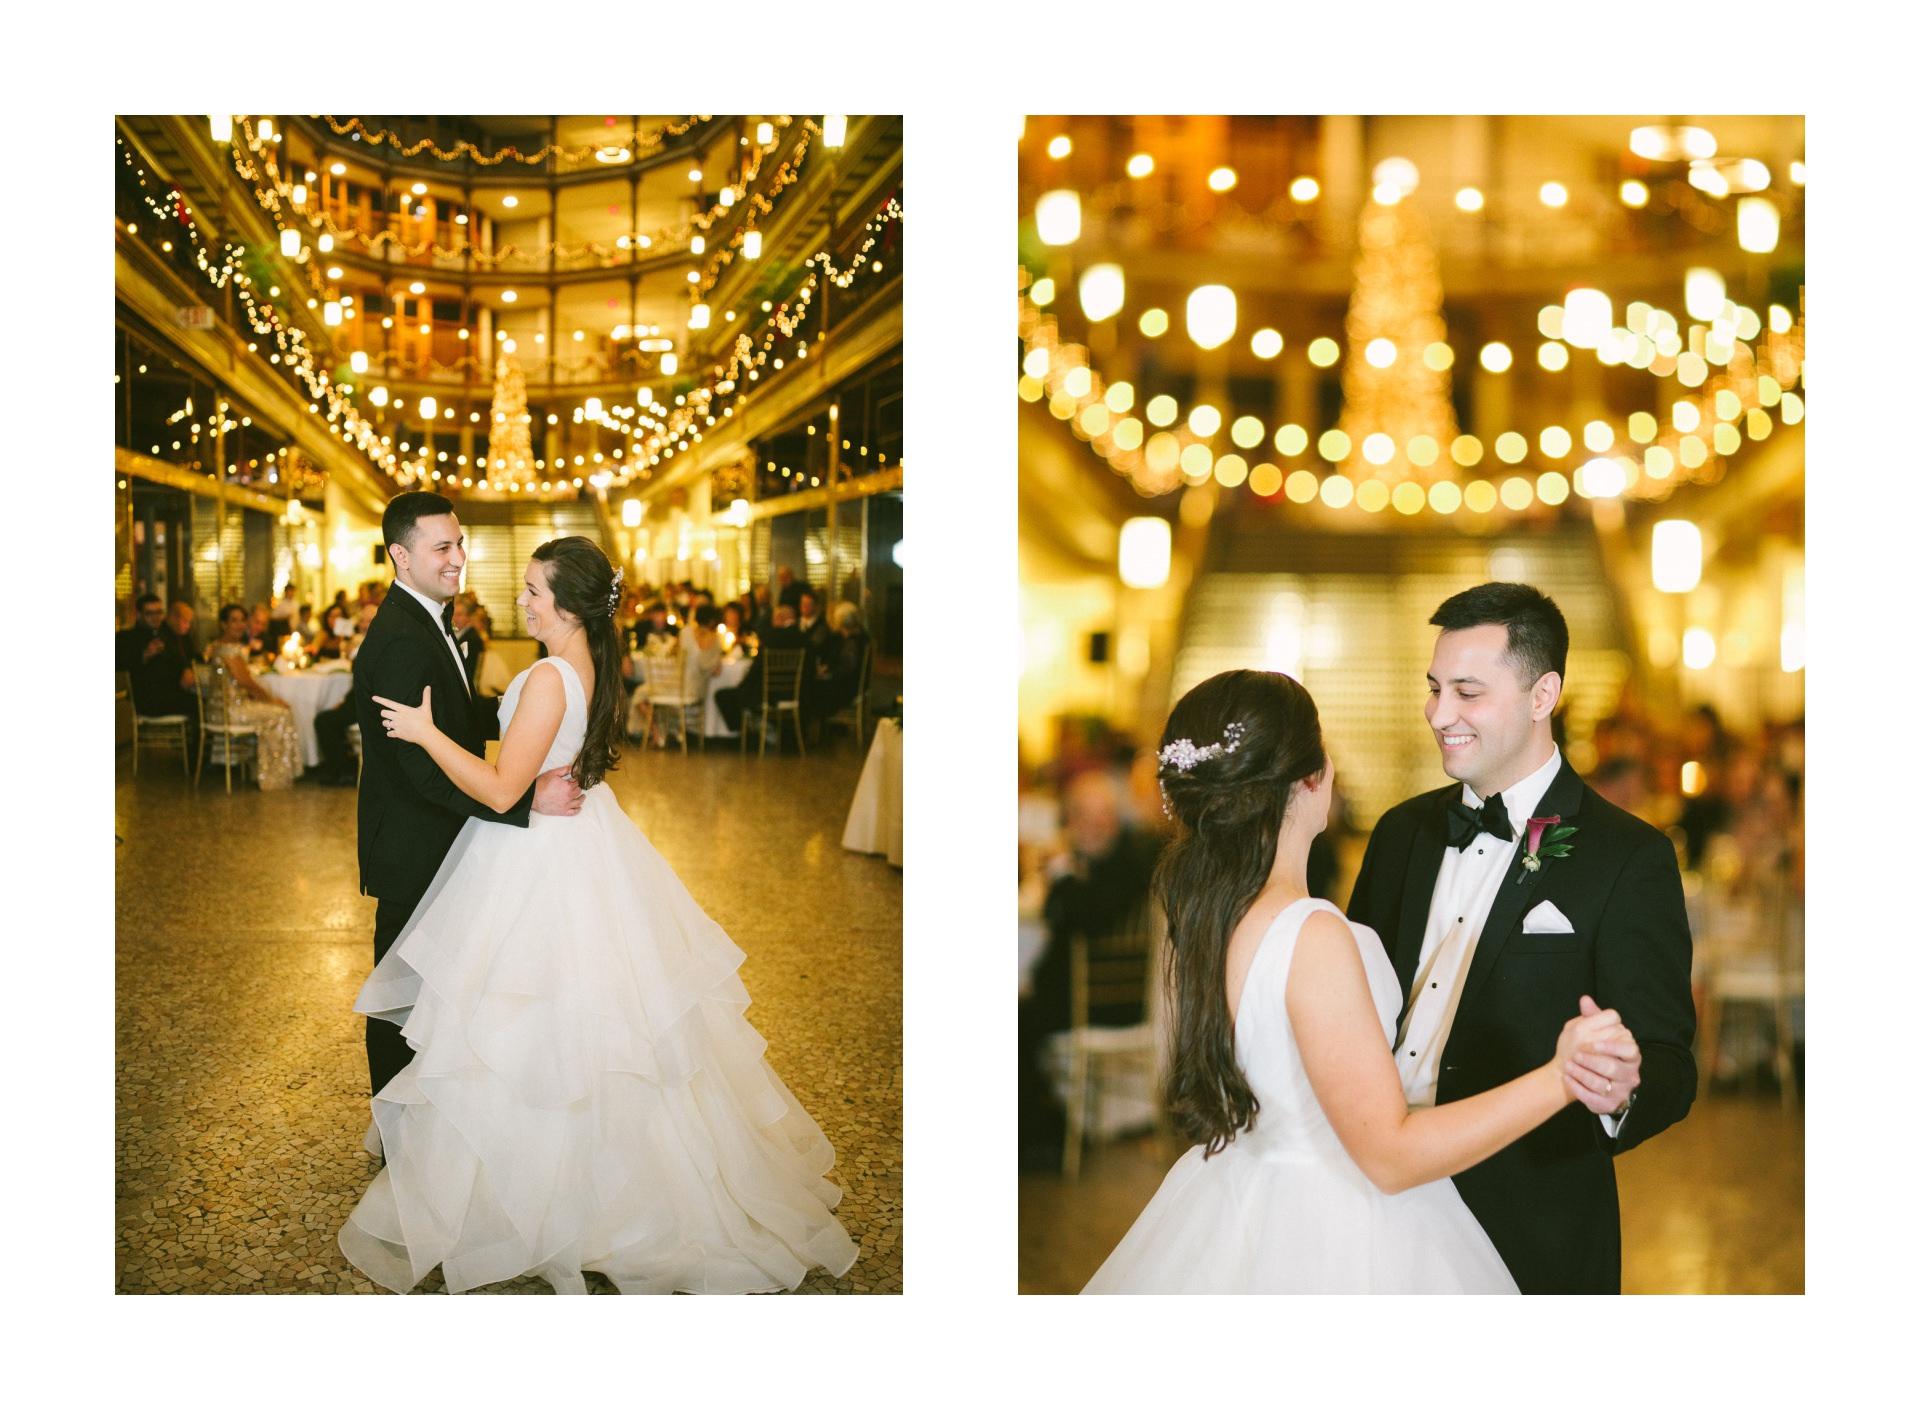 Hyatt Old Arcade Wedding Photographer in Cleveland 2 16.jpg